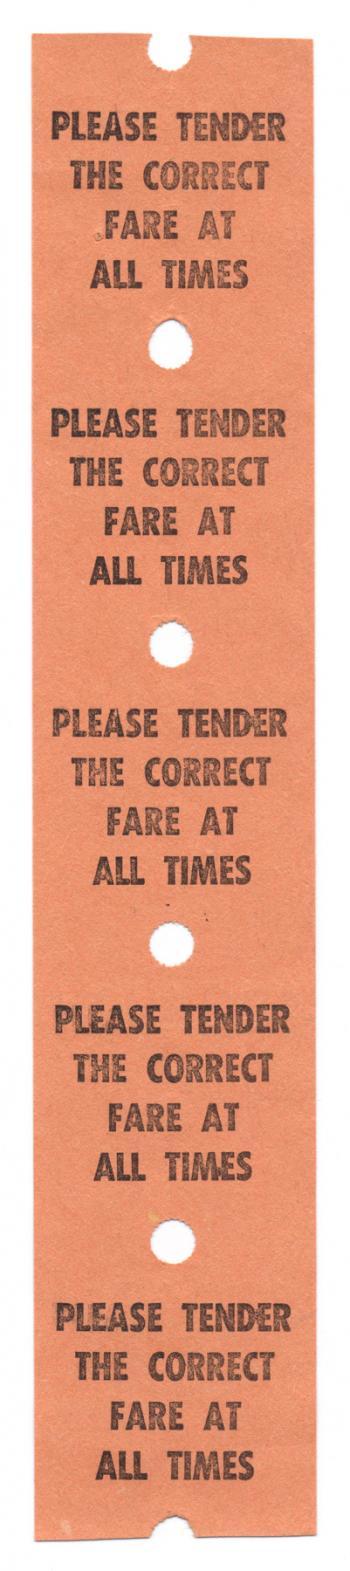 Vintage Fare Ticket x5